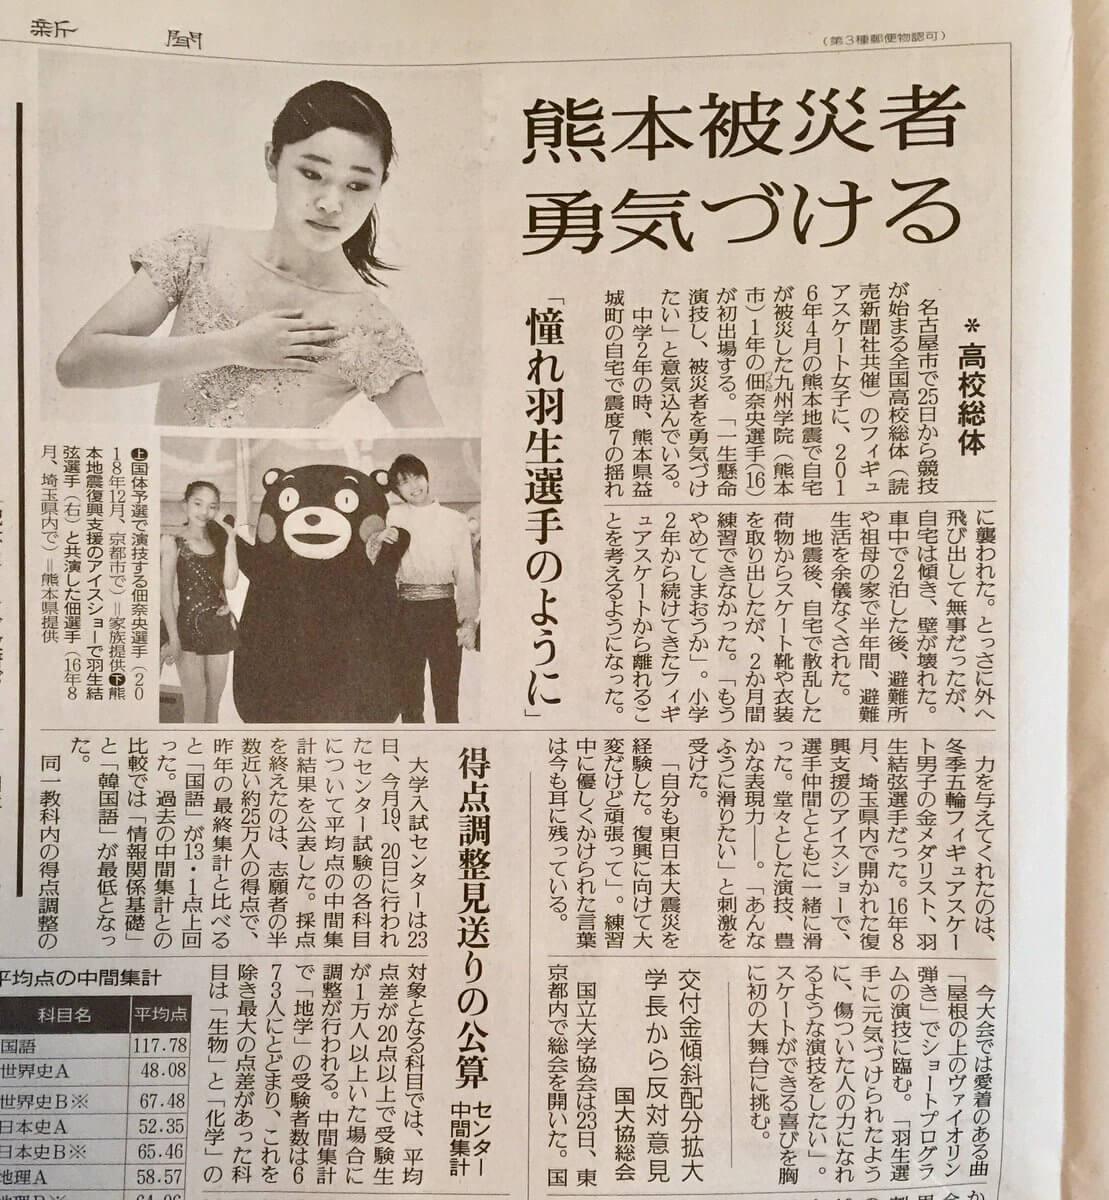 1/24読売新聞朝刊。佃奈央選手の記事。「力を与えてくれたのは、2016年の復興支援のアイスショーで羽生選手の堂々とした演技。」